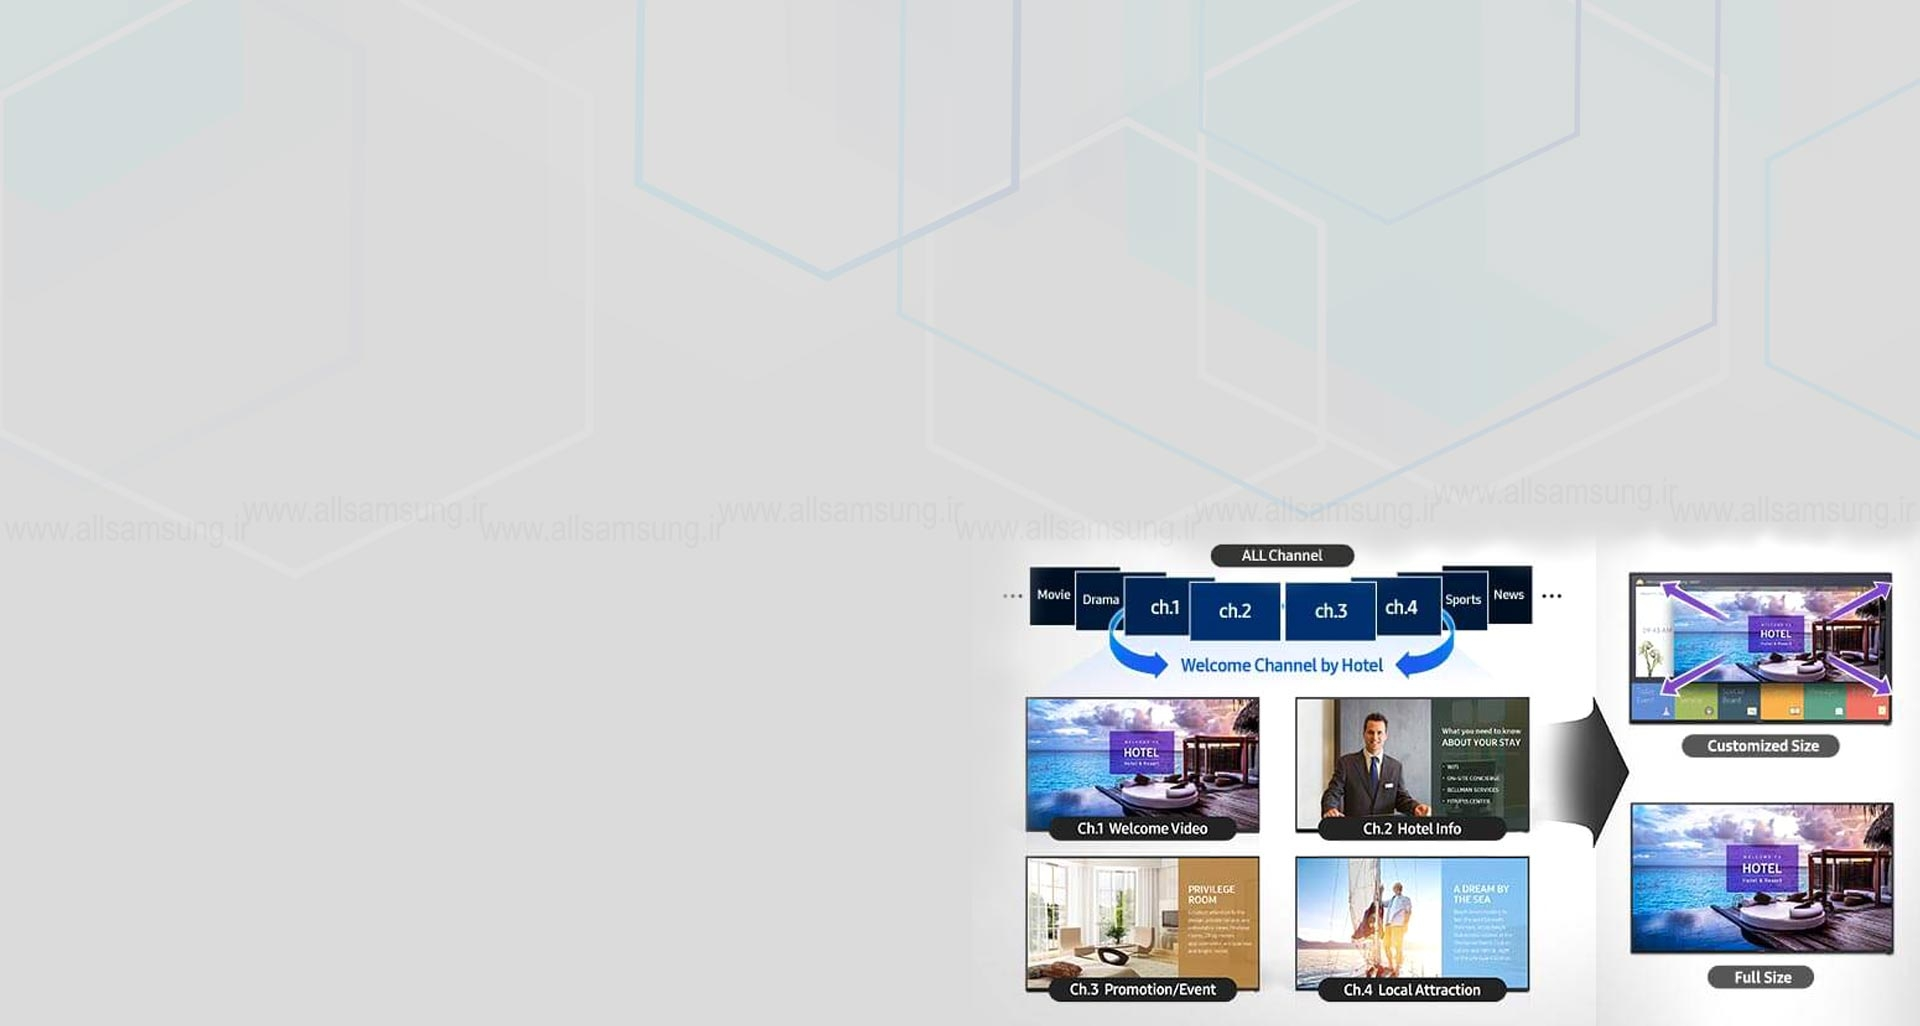 ارتقای قابلیت مشاهده هتل و امکانات ان از طریق کانال Welcome Video